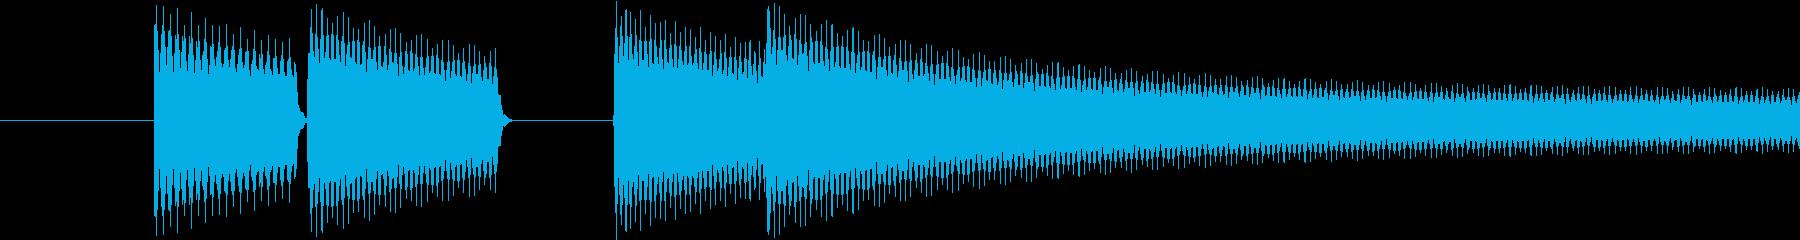 ゲーム(ゲームオーバー)の音の再生済みの波形